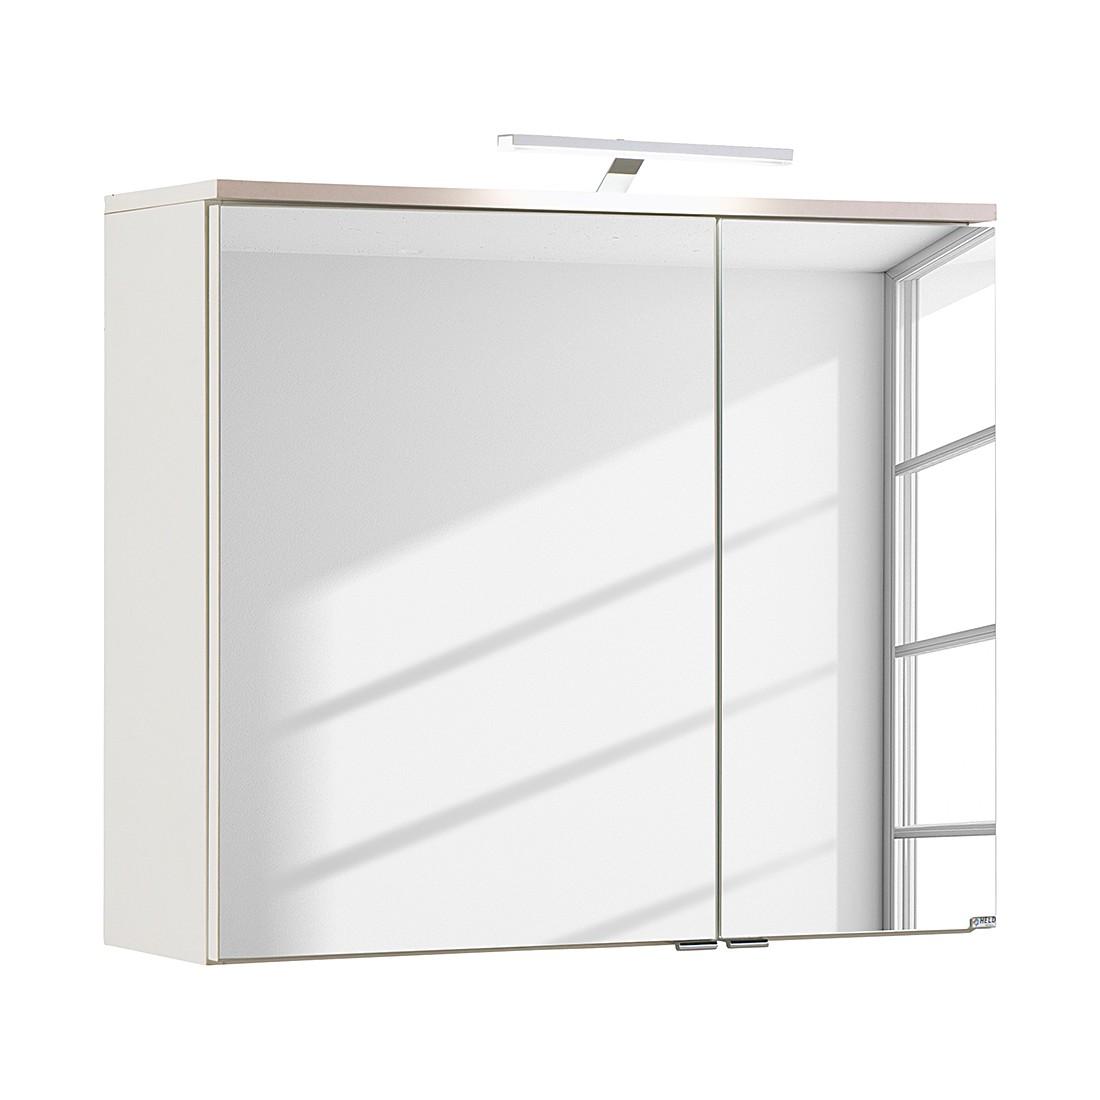 preisvergleich eu spiegelschrank 80 cm wei. Black Bedroom Furniture Sets. Home Design Ideas